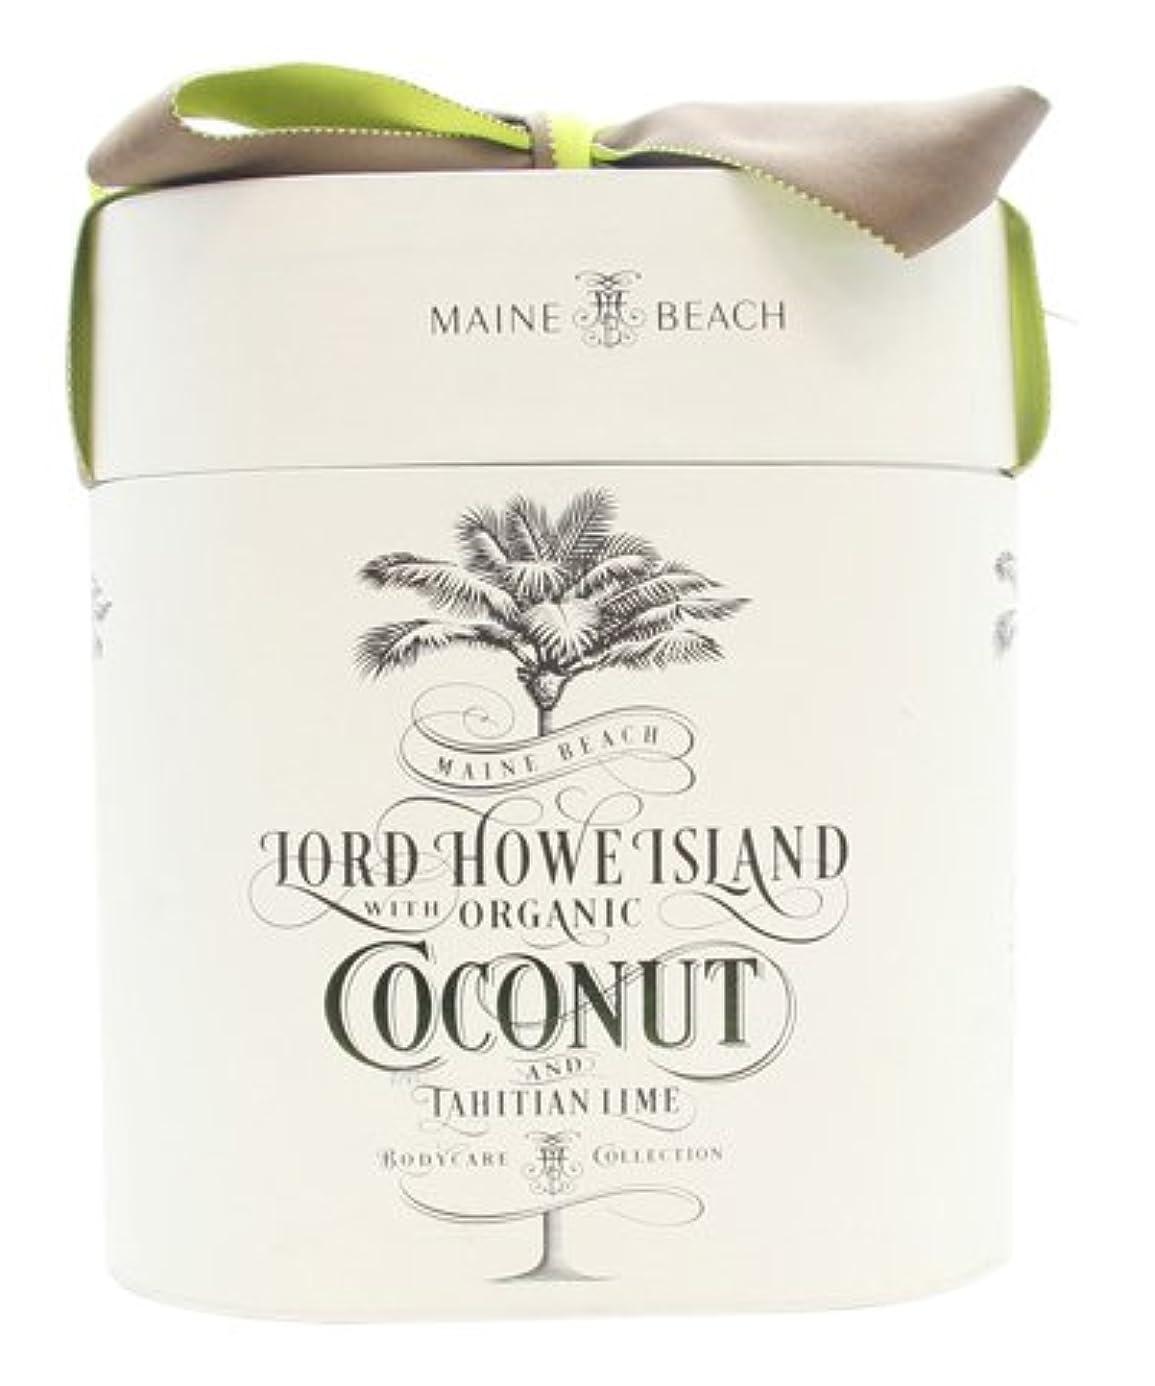 物理的なクリーム通り抜けるマインビーチ ココナッツ&ライムシリーズ DUO Gift Pack デュオ ギフト パック